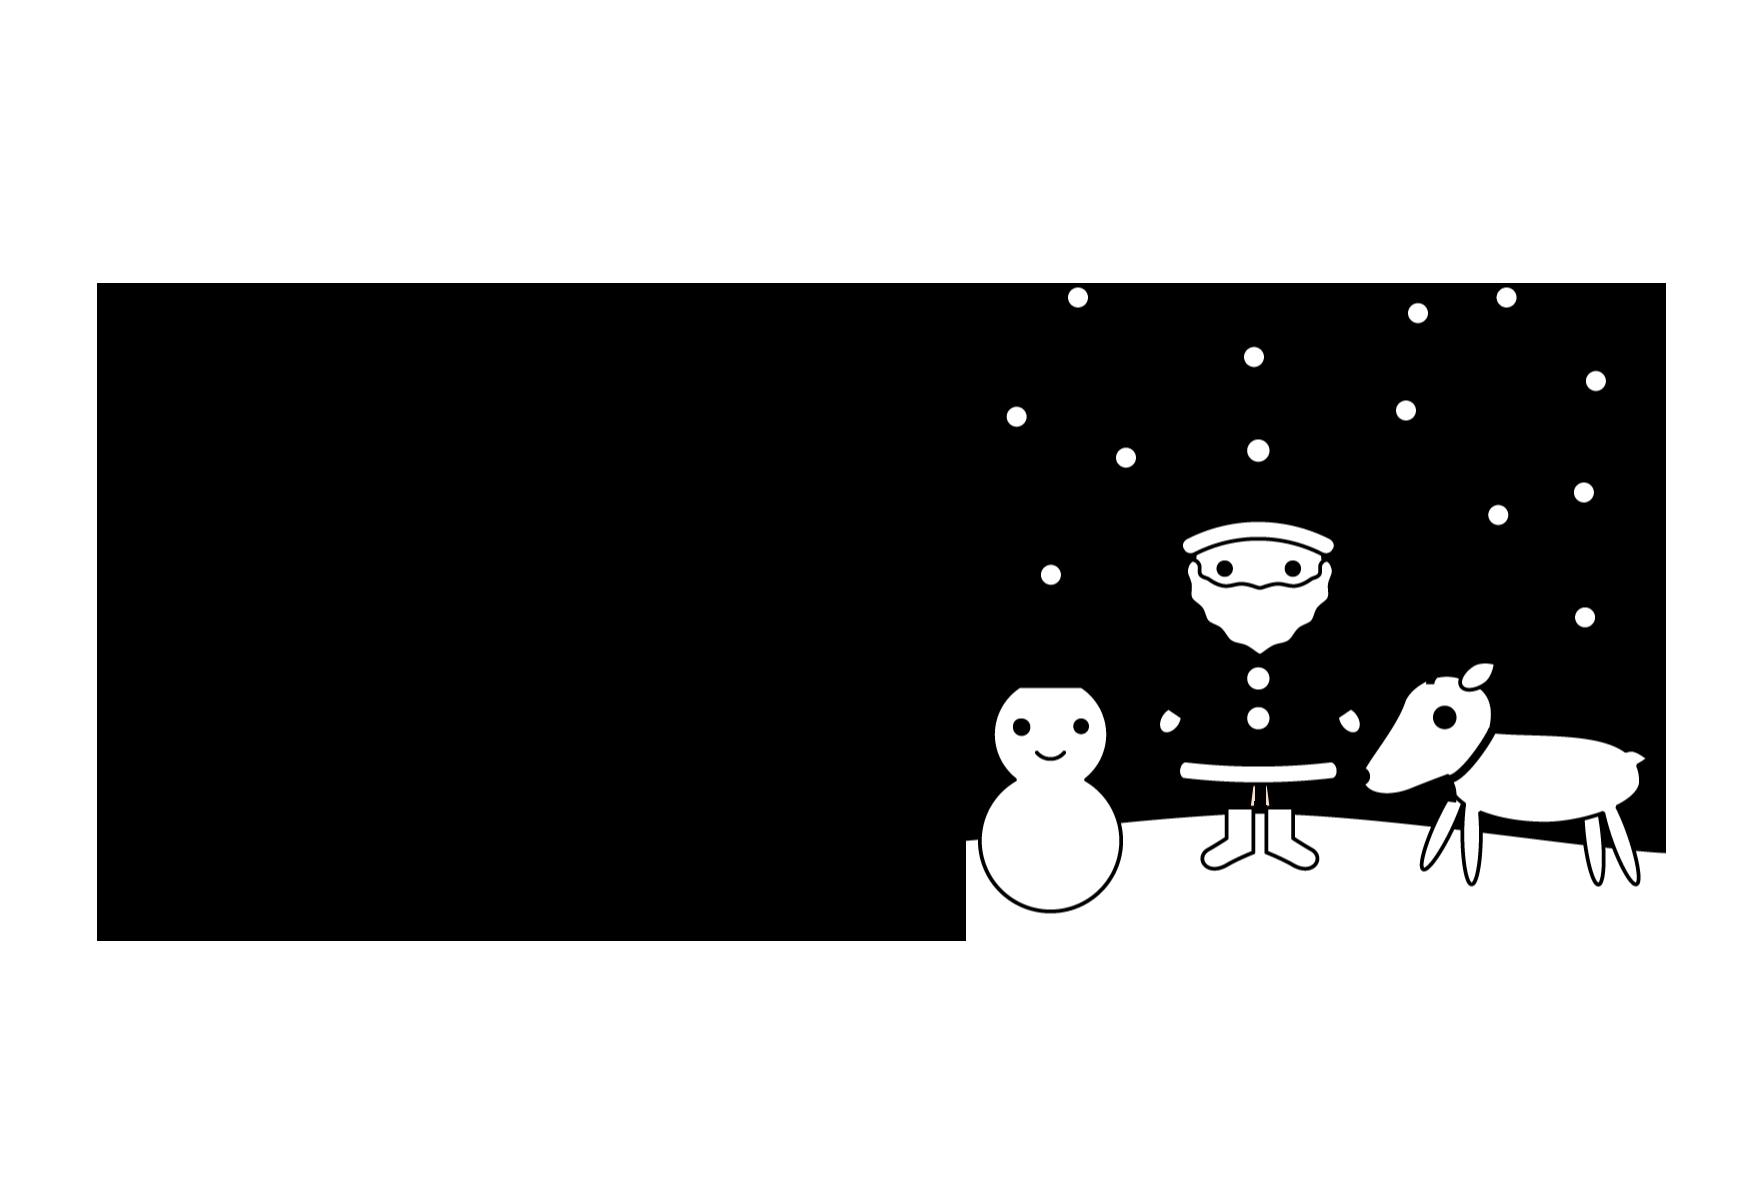 クリスマスカード 白黒テンプレート 無料 イラストk